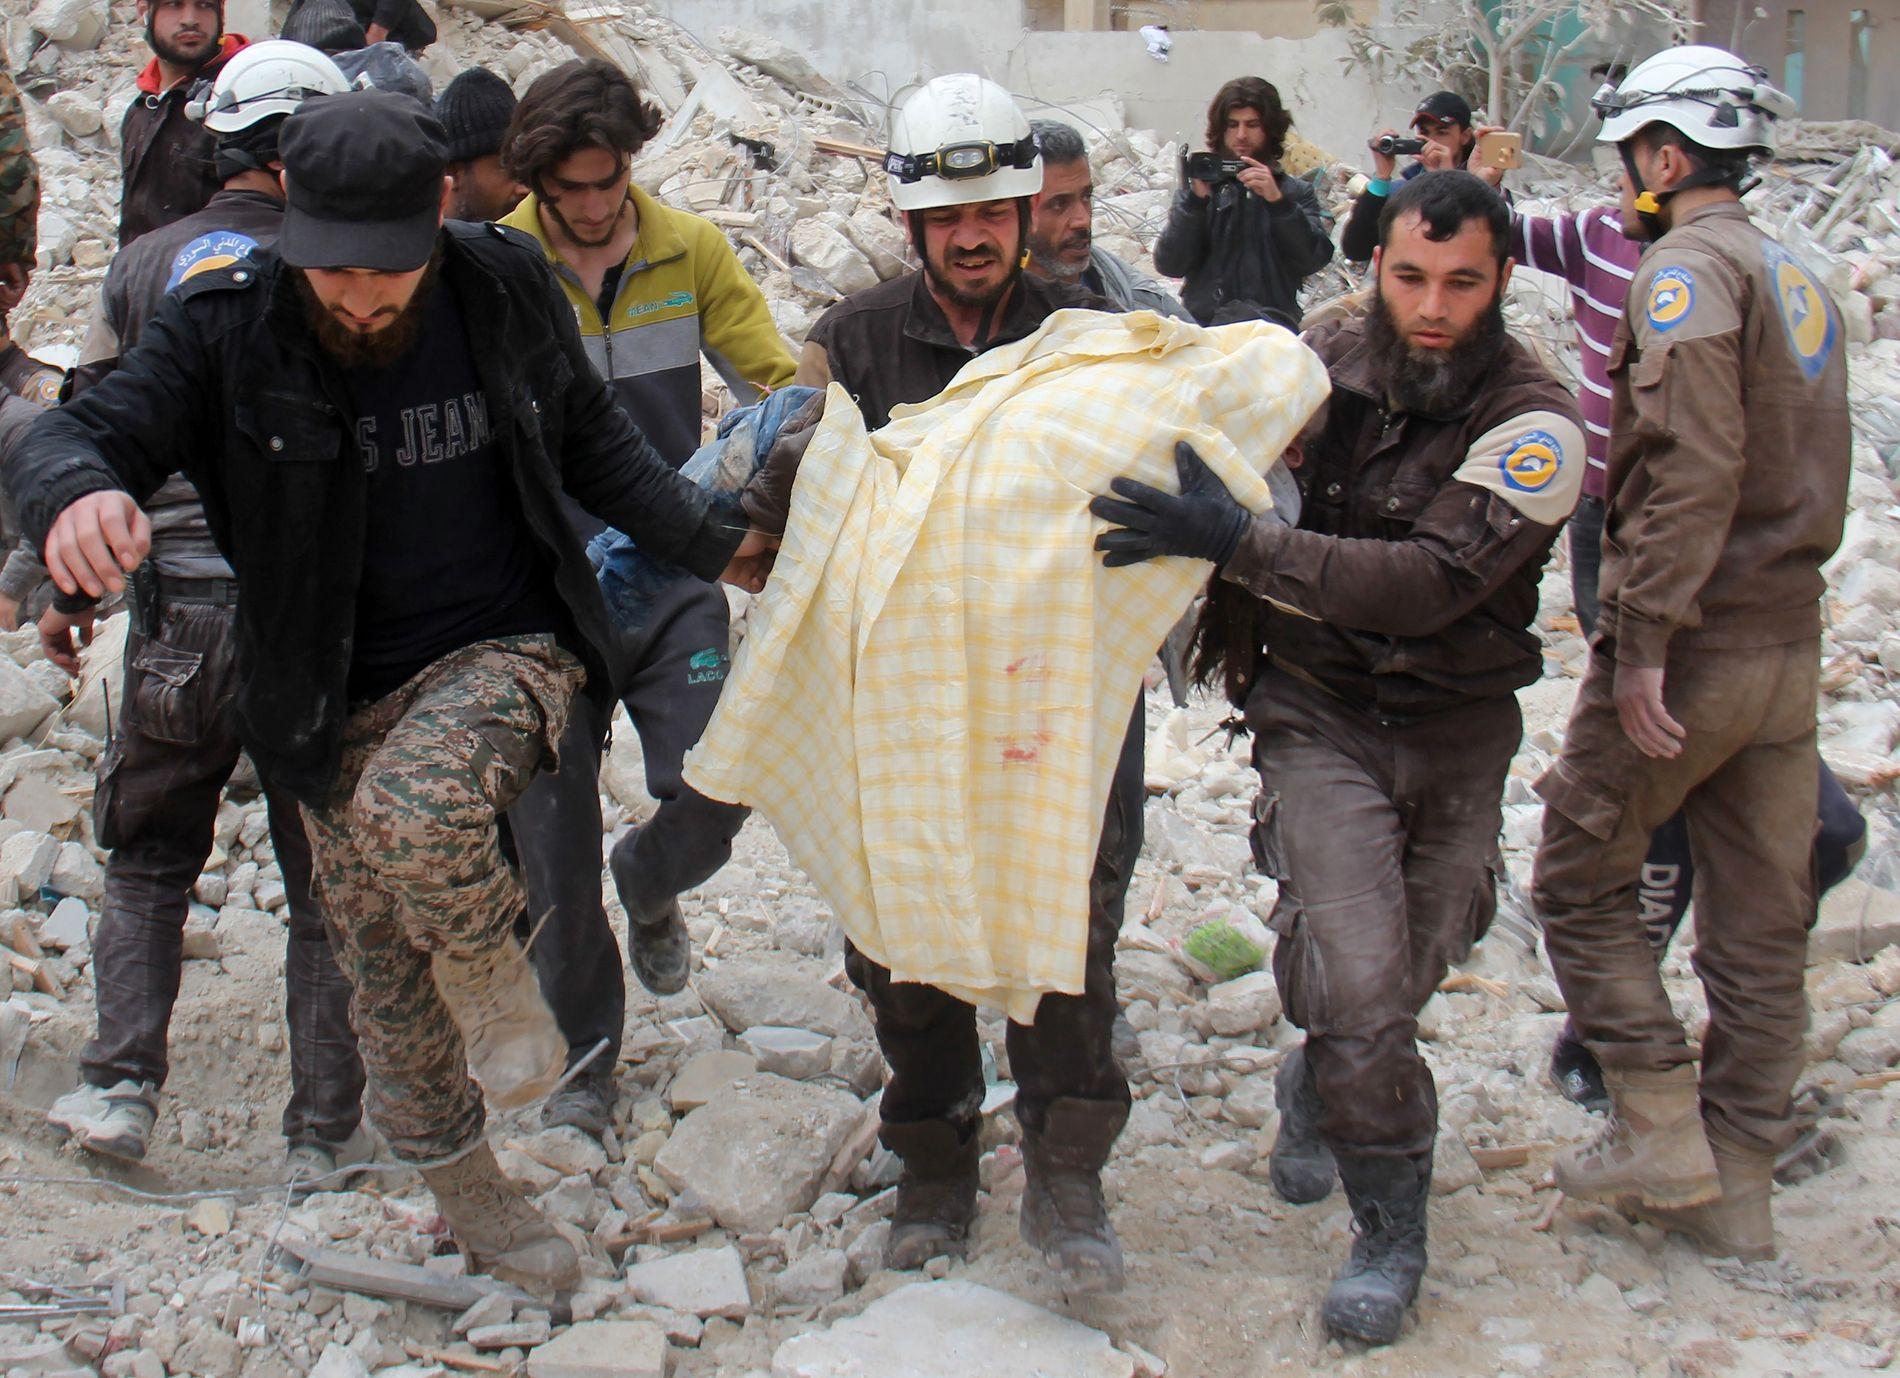 KONSPIRASJONSTEORI?  De viktigste anklagene har gått på at den syriske hjelpeorganisasjonen De Hvite Hjelmene samarbeider med den islamistiske terrororganisasjonen al-Qaida, eller er vestlige agenter.